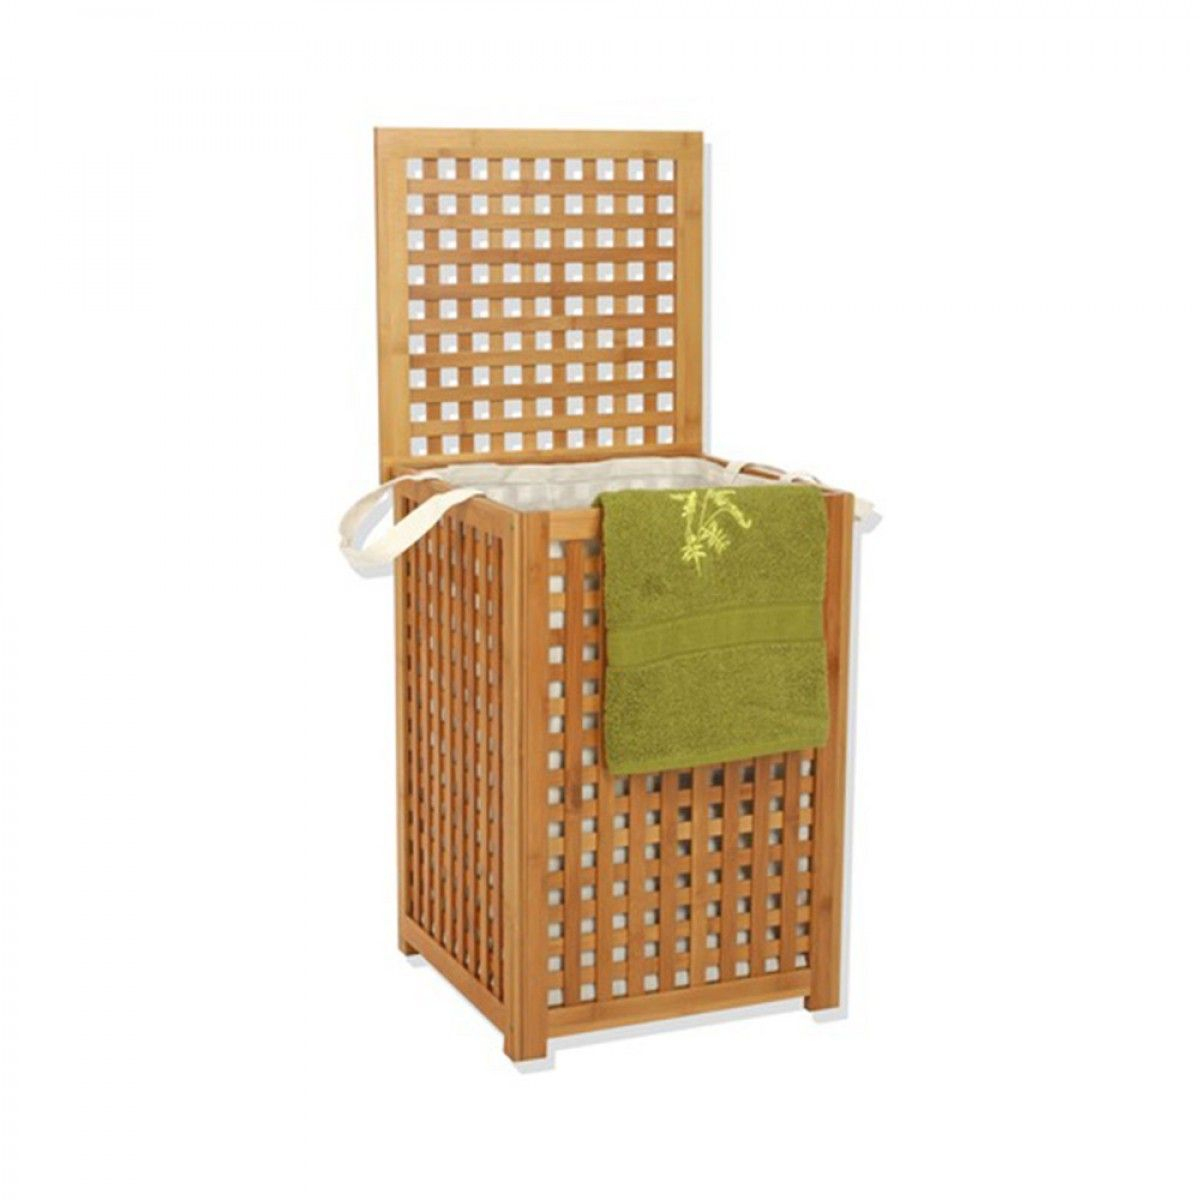 Coffre À Linge En Bambou | Coffre À Linge, Panier À Linge ... tout Coffre En Bois Ikea